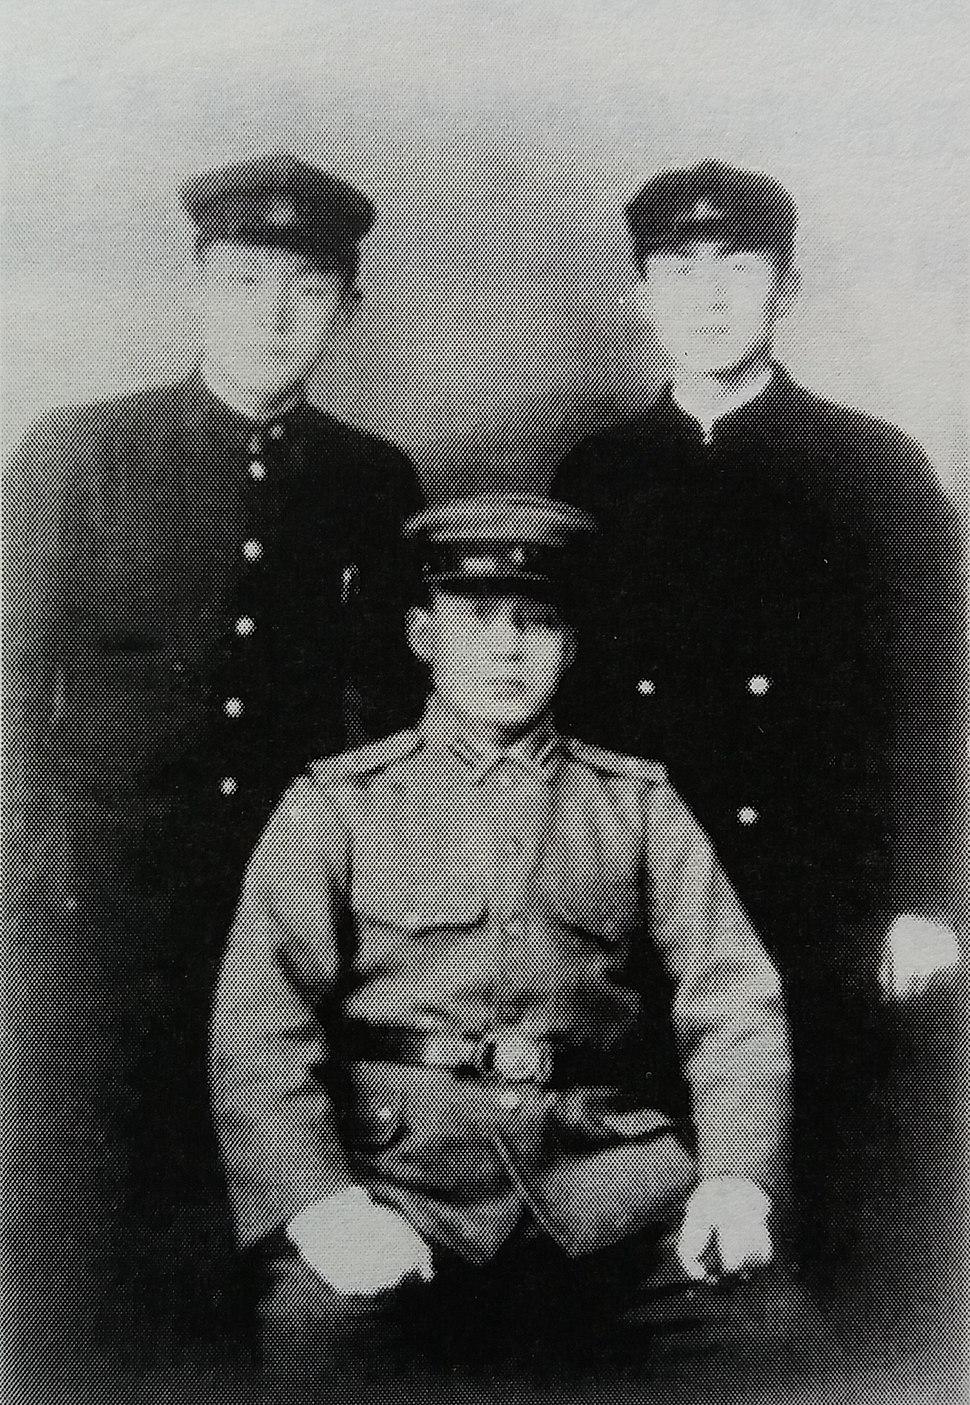 满洲军官时期朴正熙与同学的合影